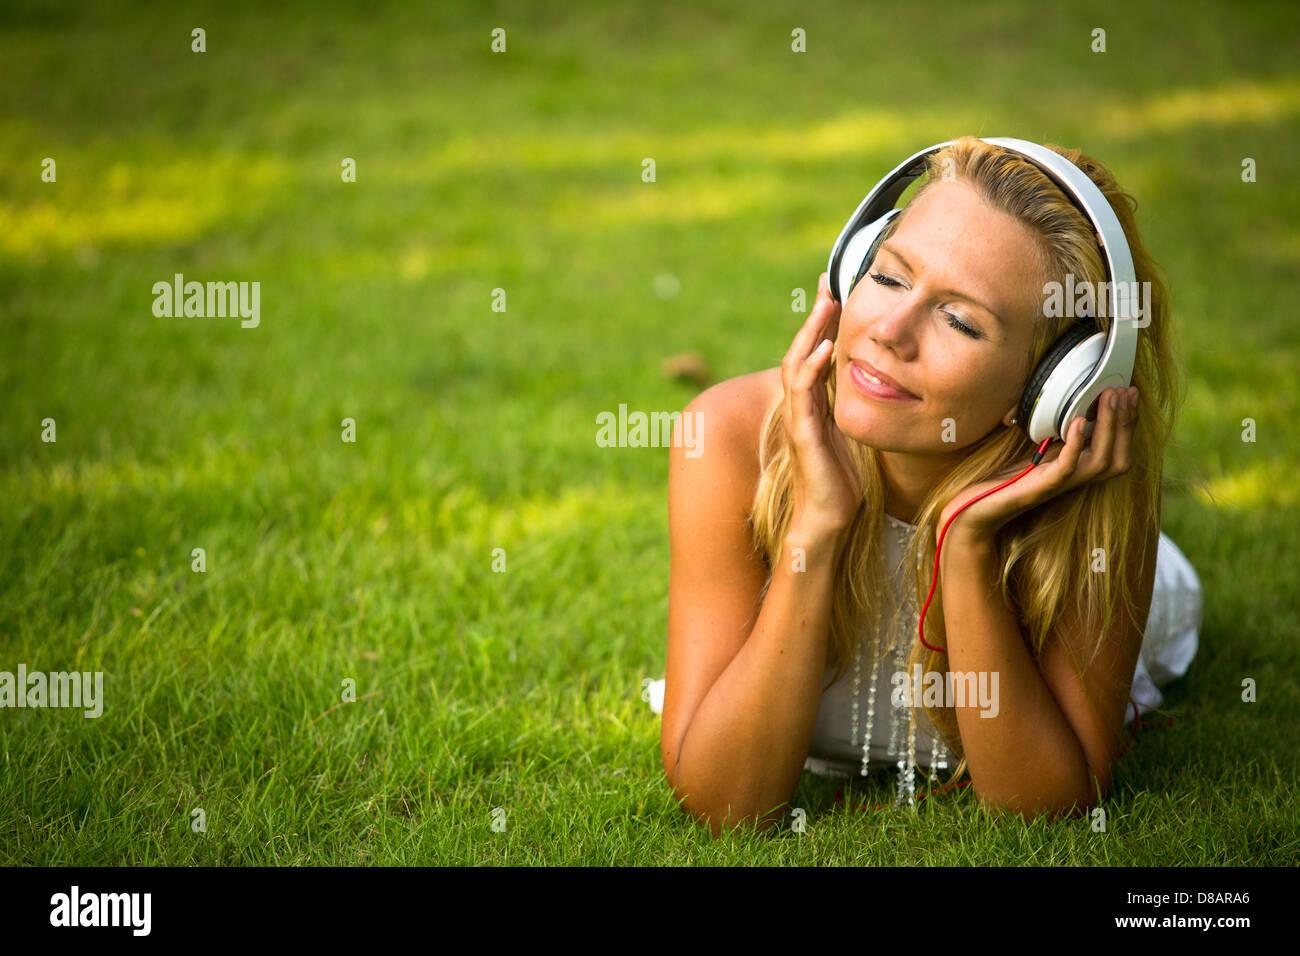 Glück-Mädchen mit Kopfhörern genießen Natur und Musik am sonnigen Tag. Stockbild